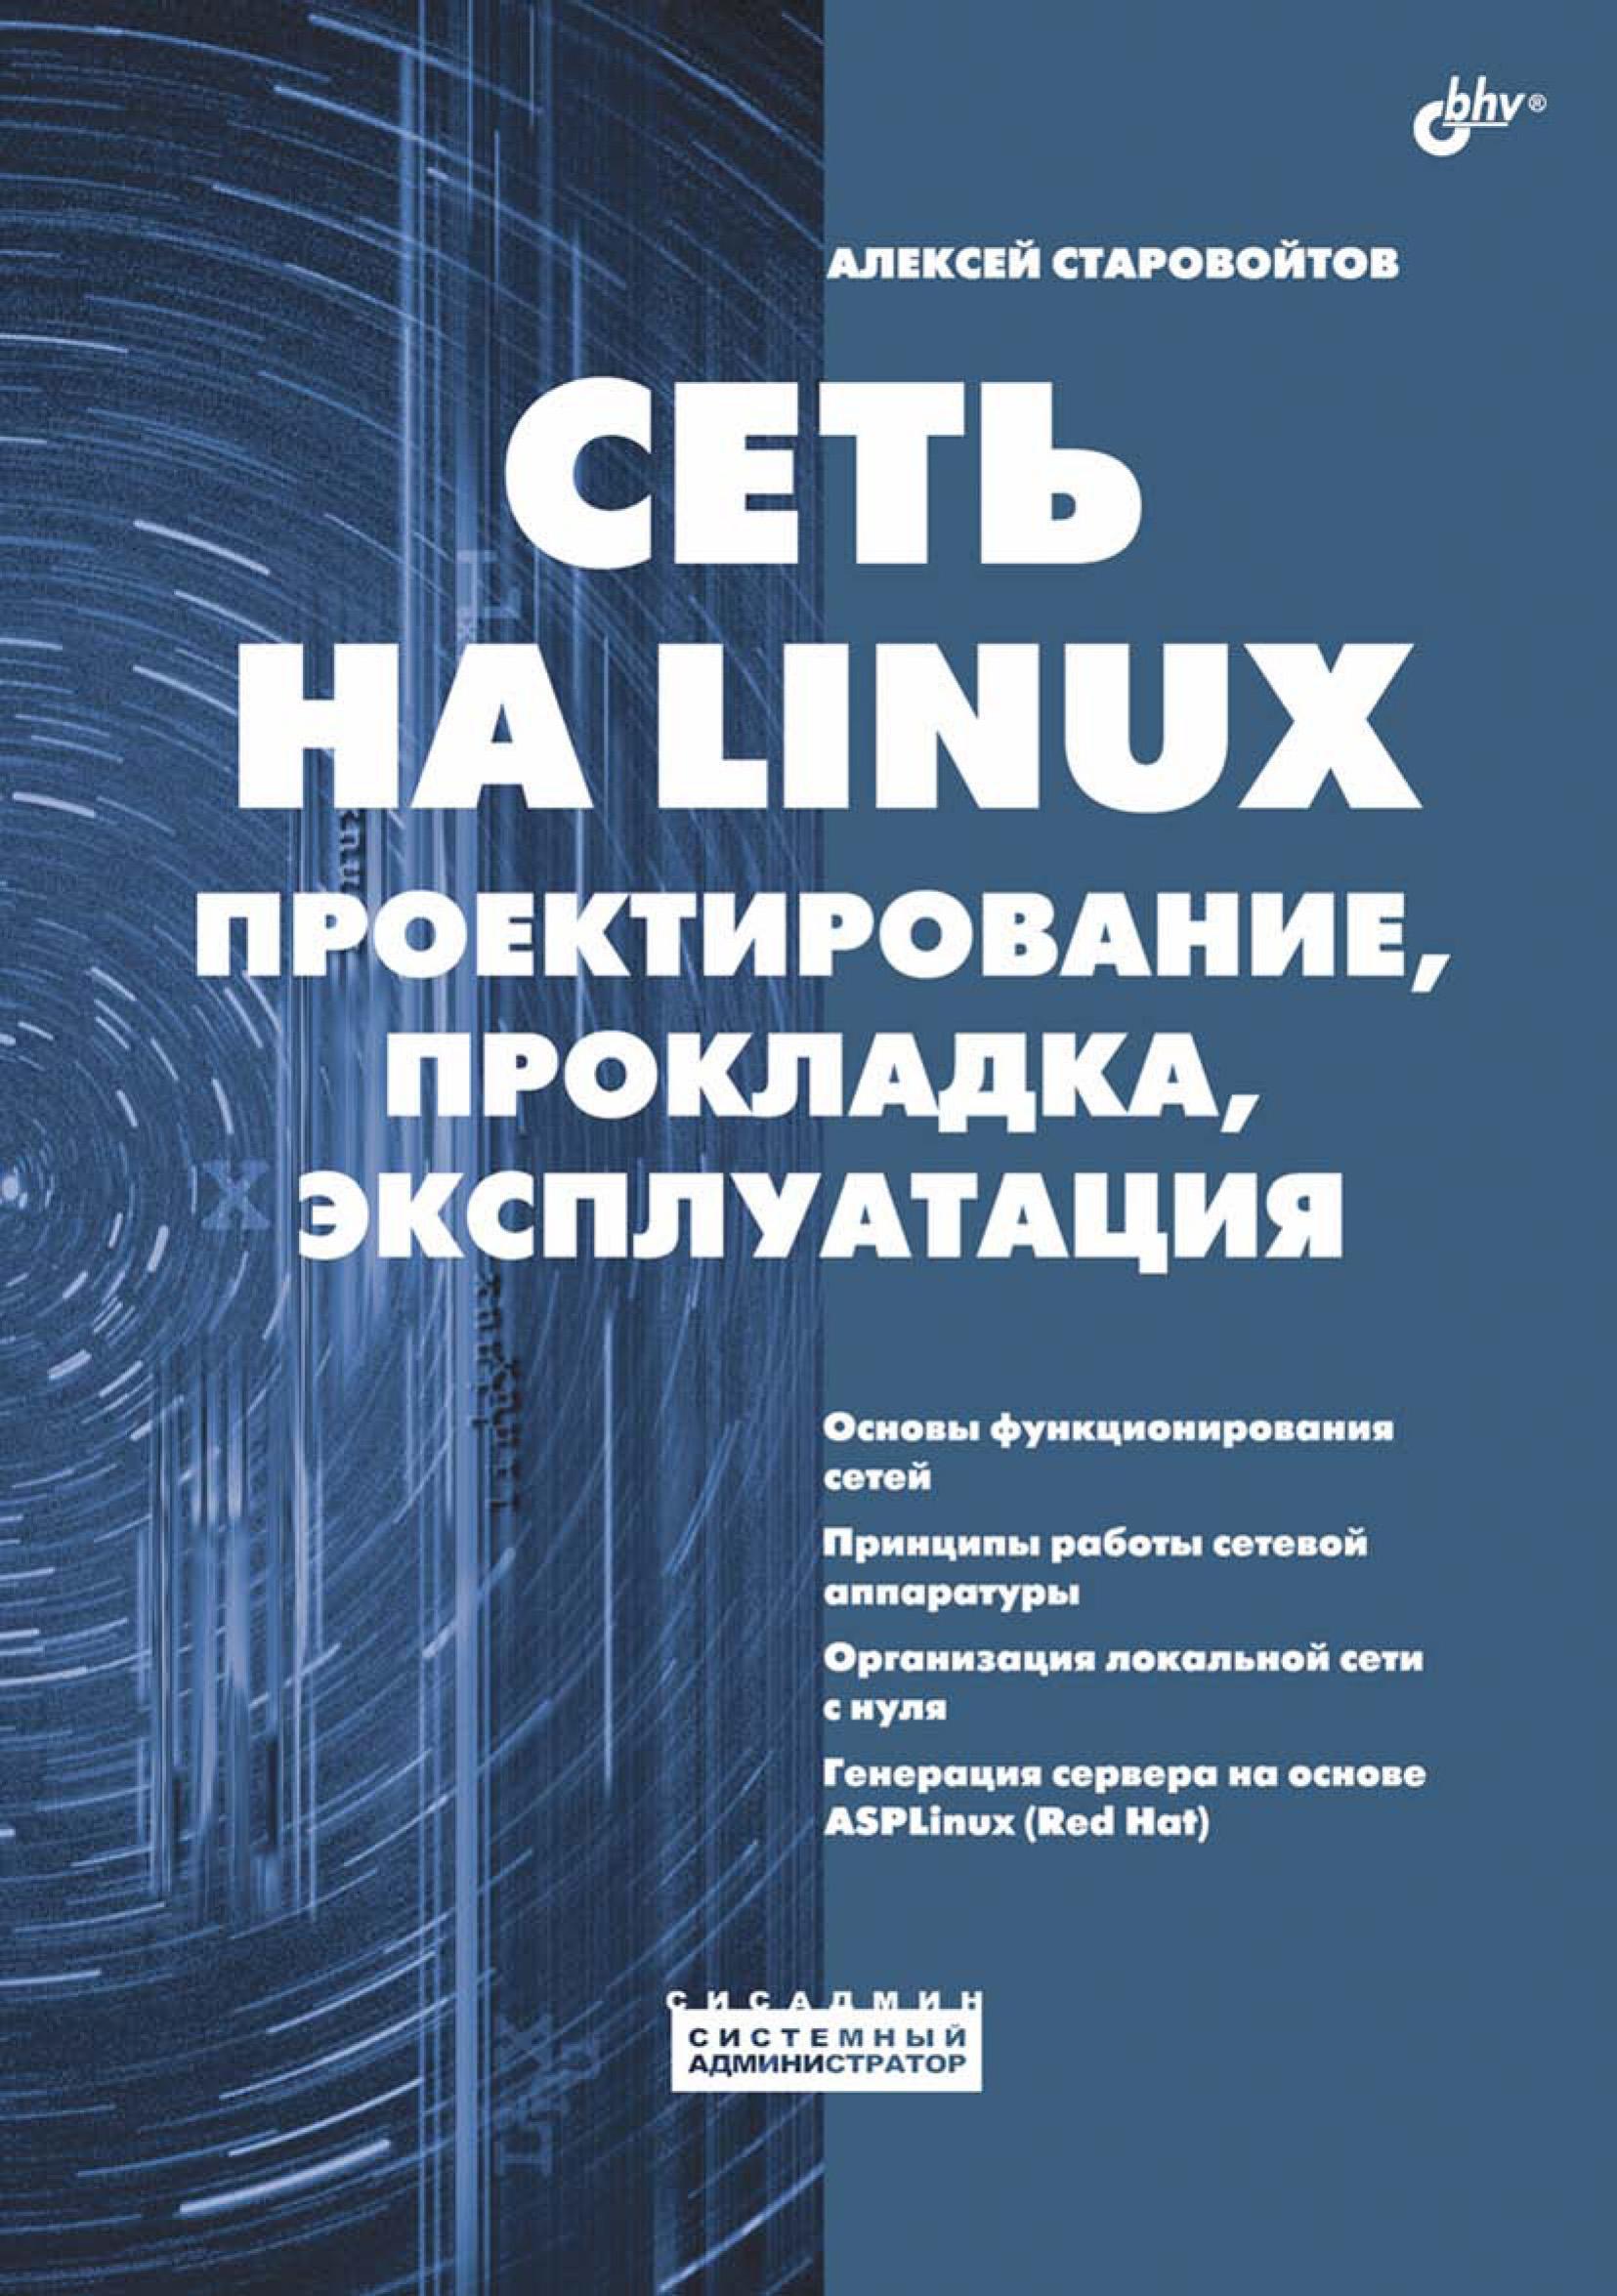 Сеть на Linux. Проектирование, прокладка, эксплуатация